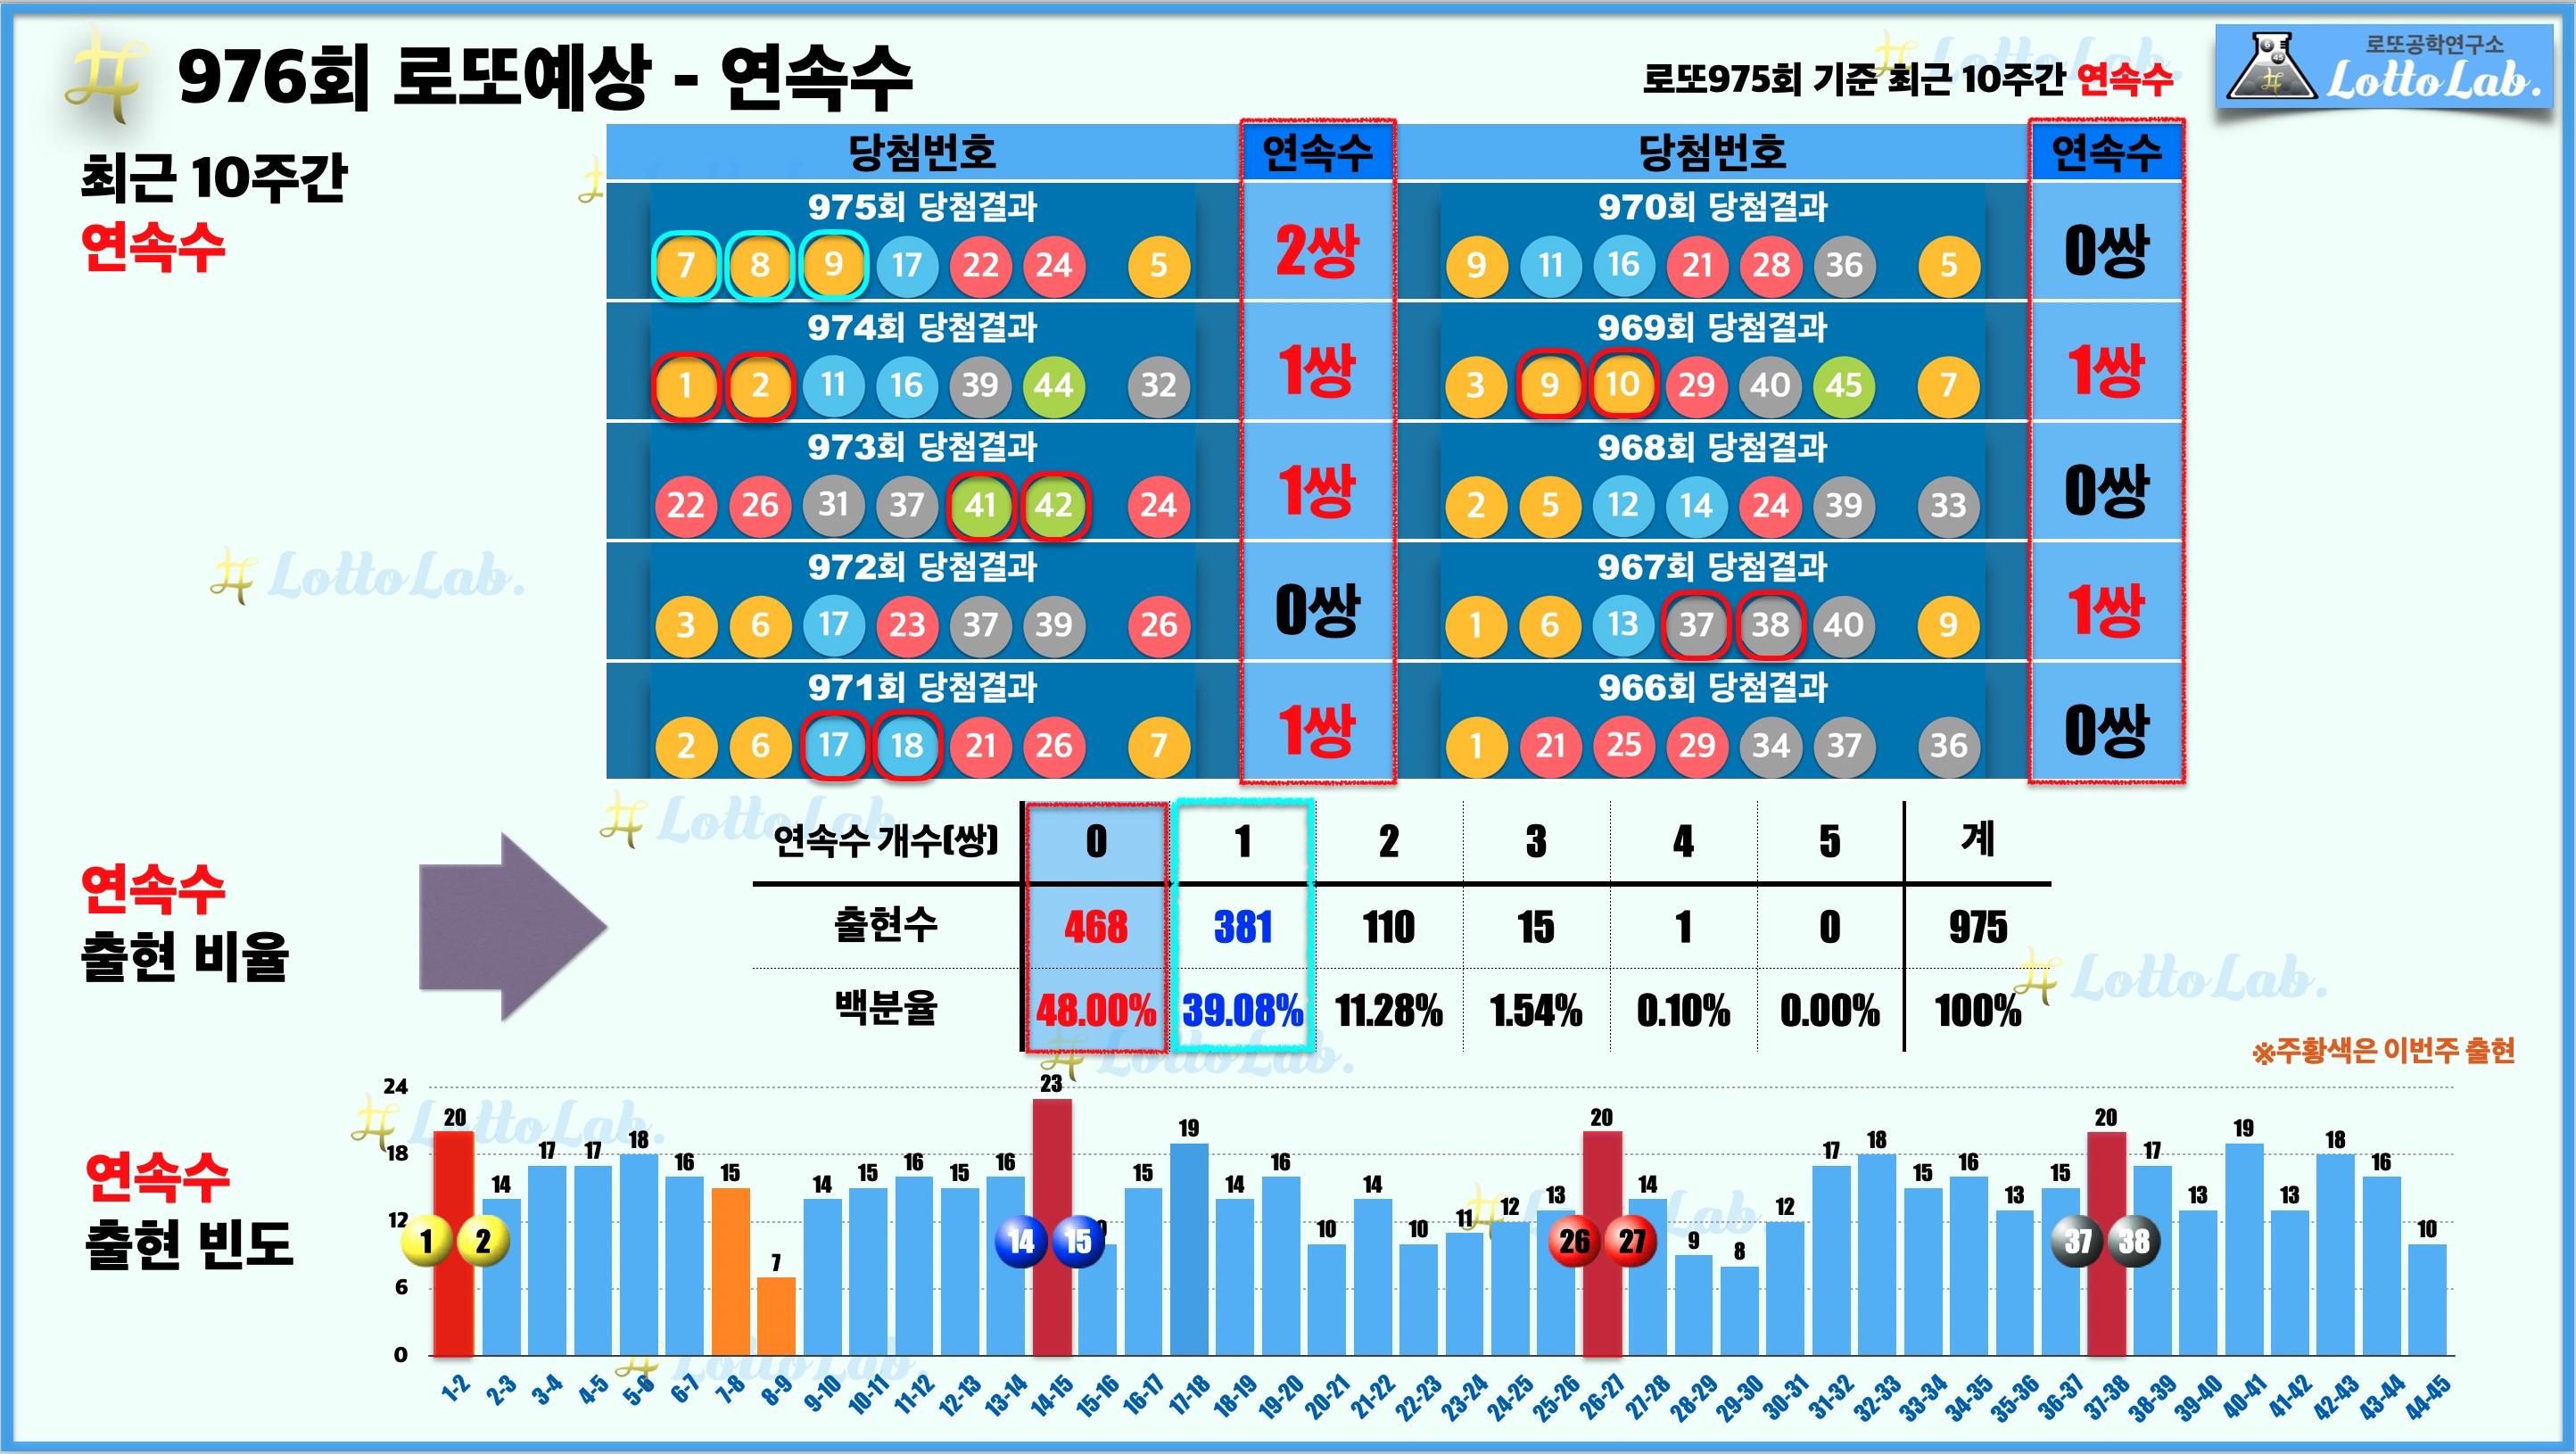 로또랩 로또976 당첨 번호 예상 - 연속수